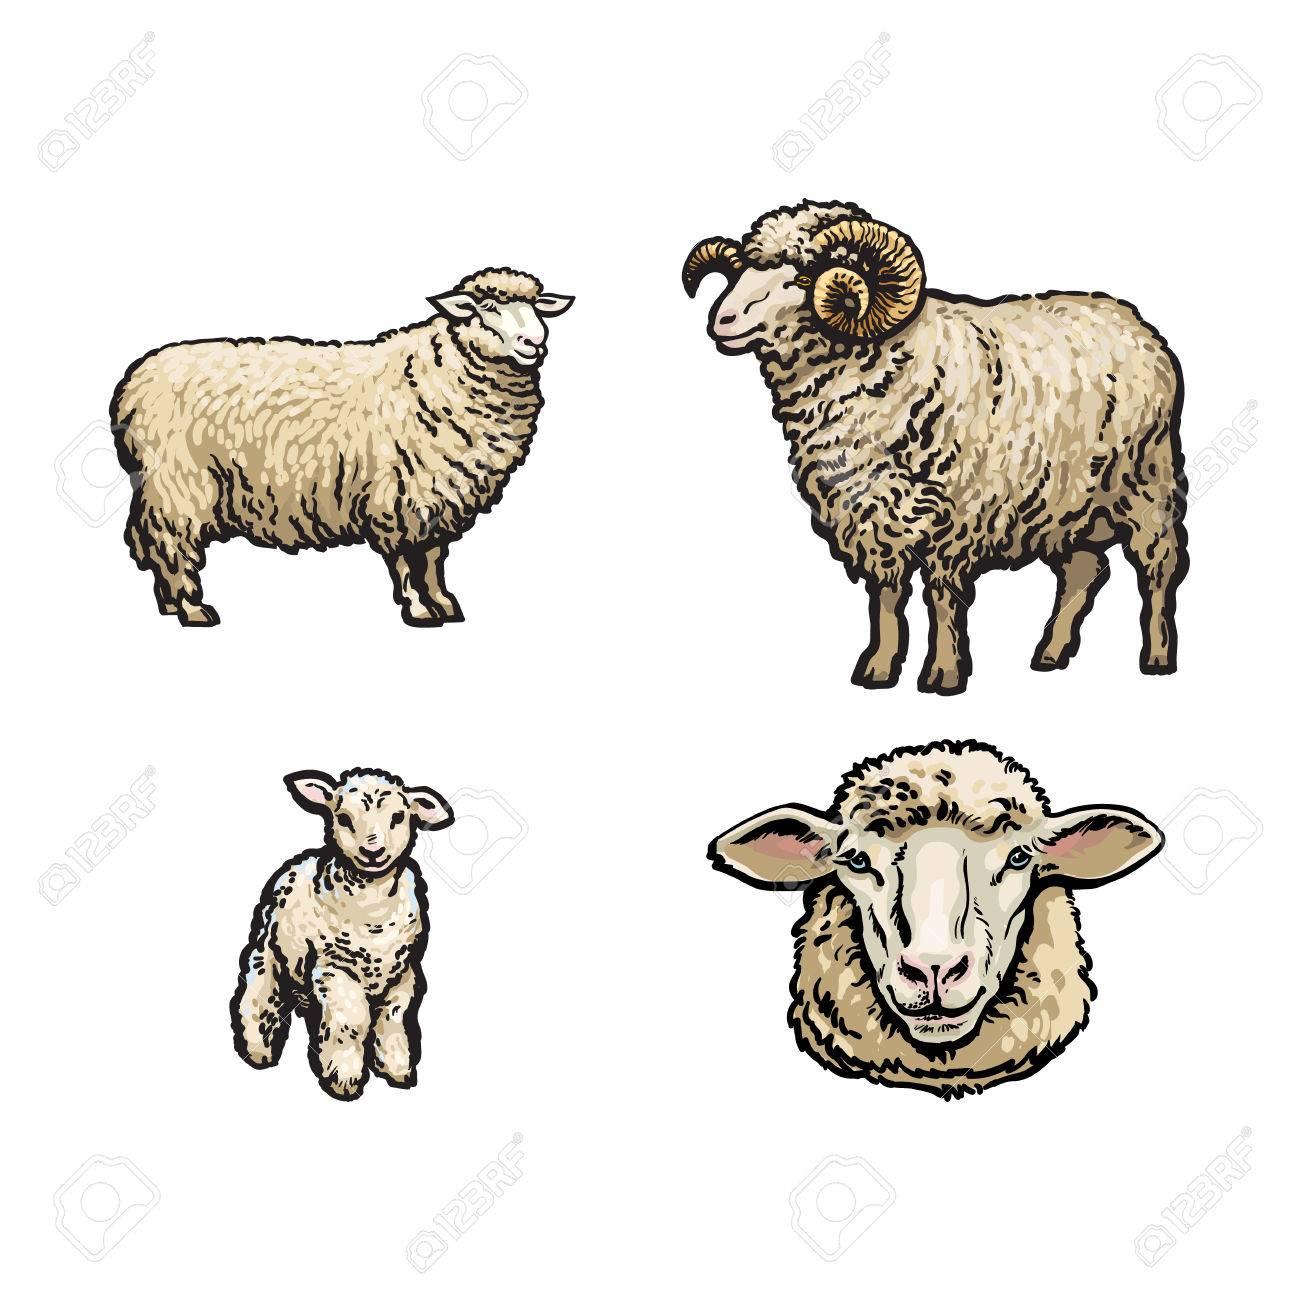 Croquis De Vecteur De Moutons De Dessin Anime Agneau A Cornes Et Ensemble De Tete De Mouton Illustration Isolee Sur Fond Blanc Animal Dessine A La Main Sans Cornes Bovins Animaux De